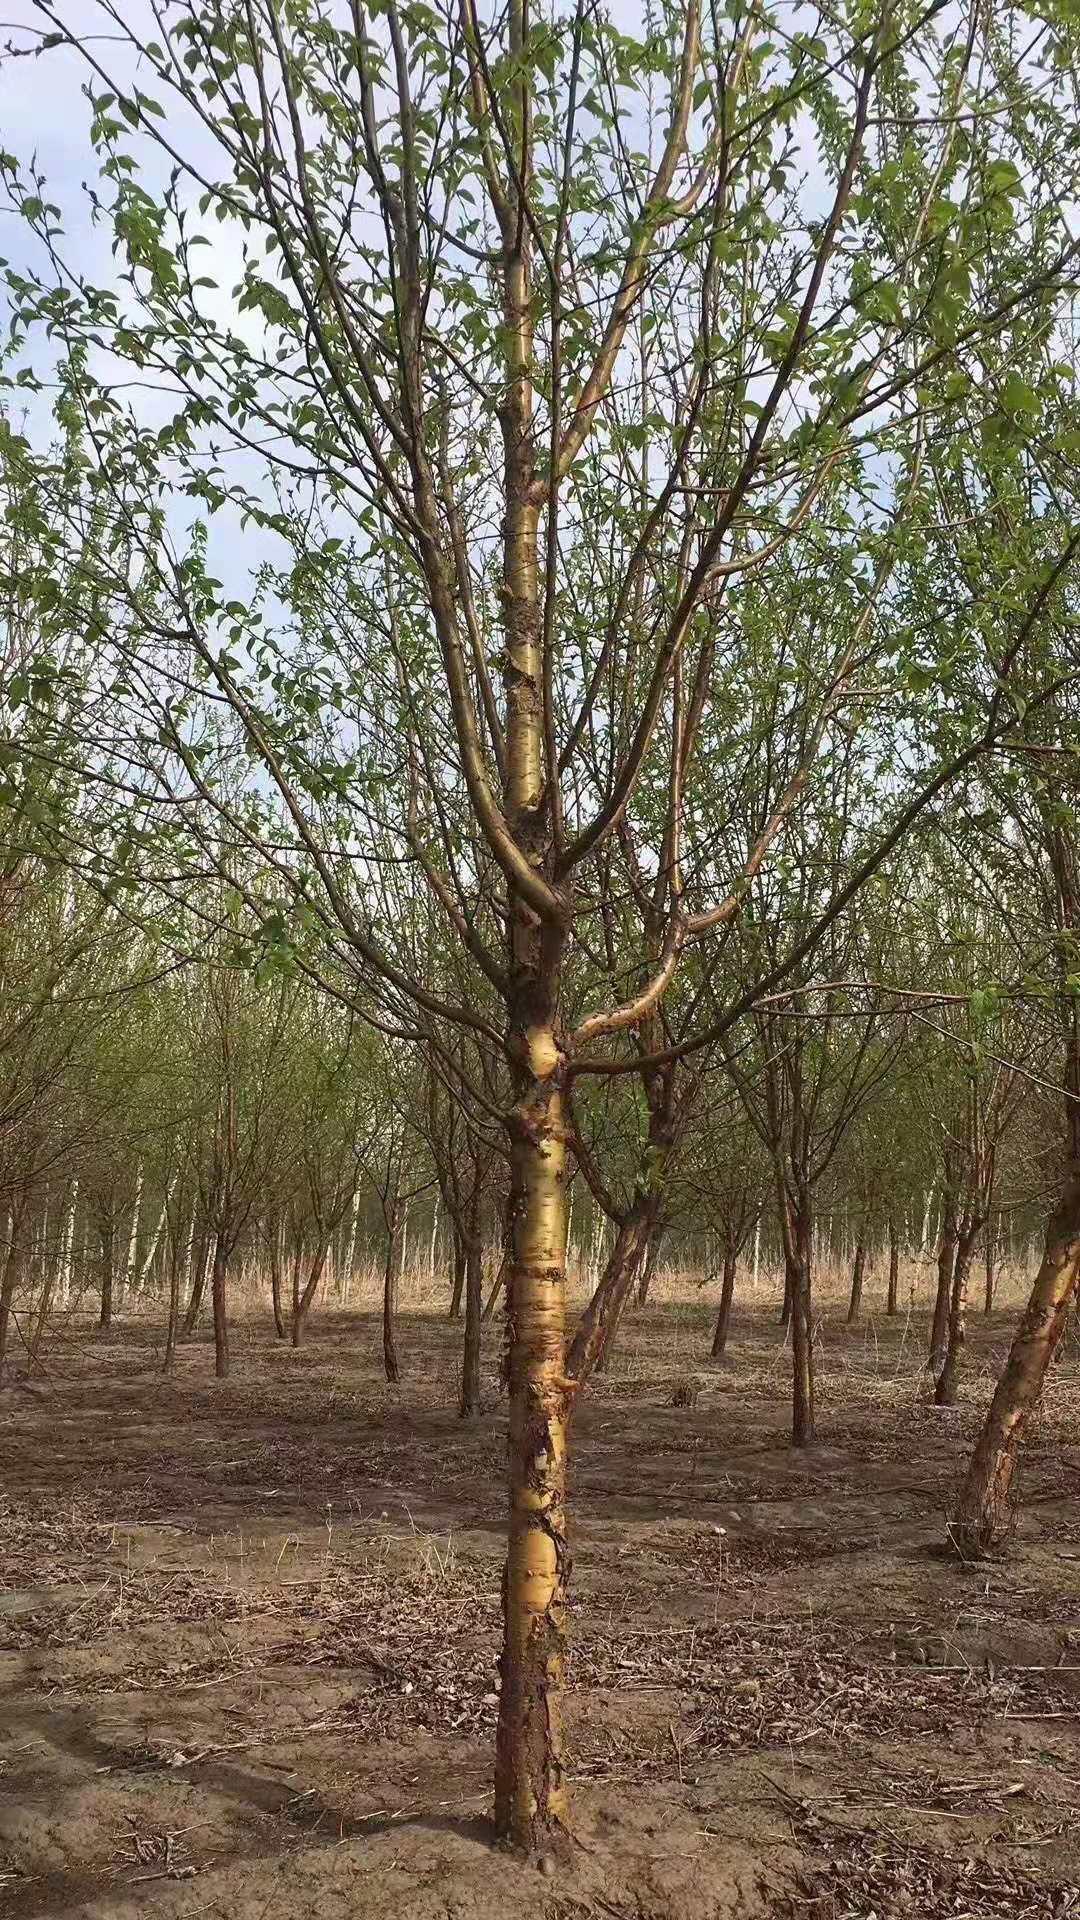 紫叶稠李树-紫叶李各种营养杯绿篱苗德州